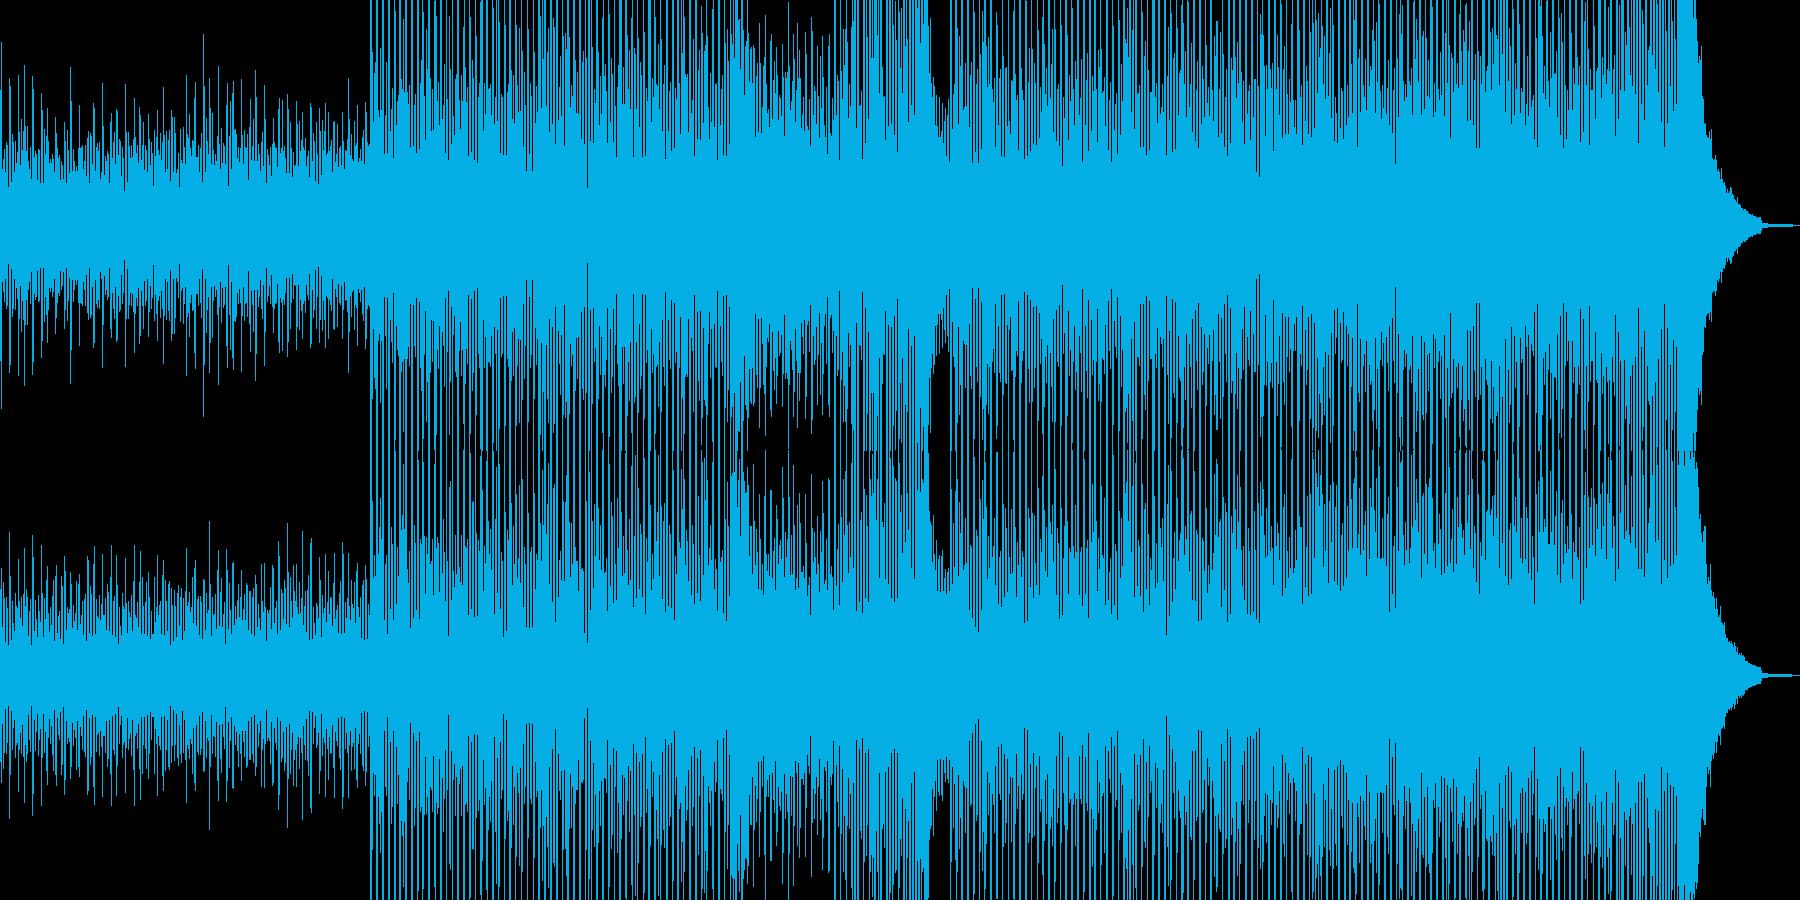 清涼感溢れるヒーリングテクノ Bの再生済みの波形